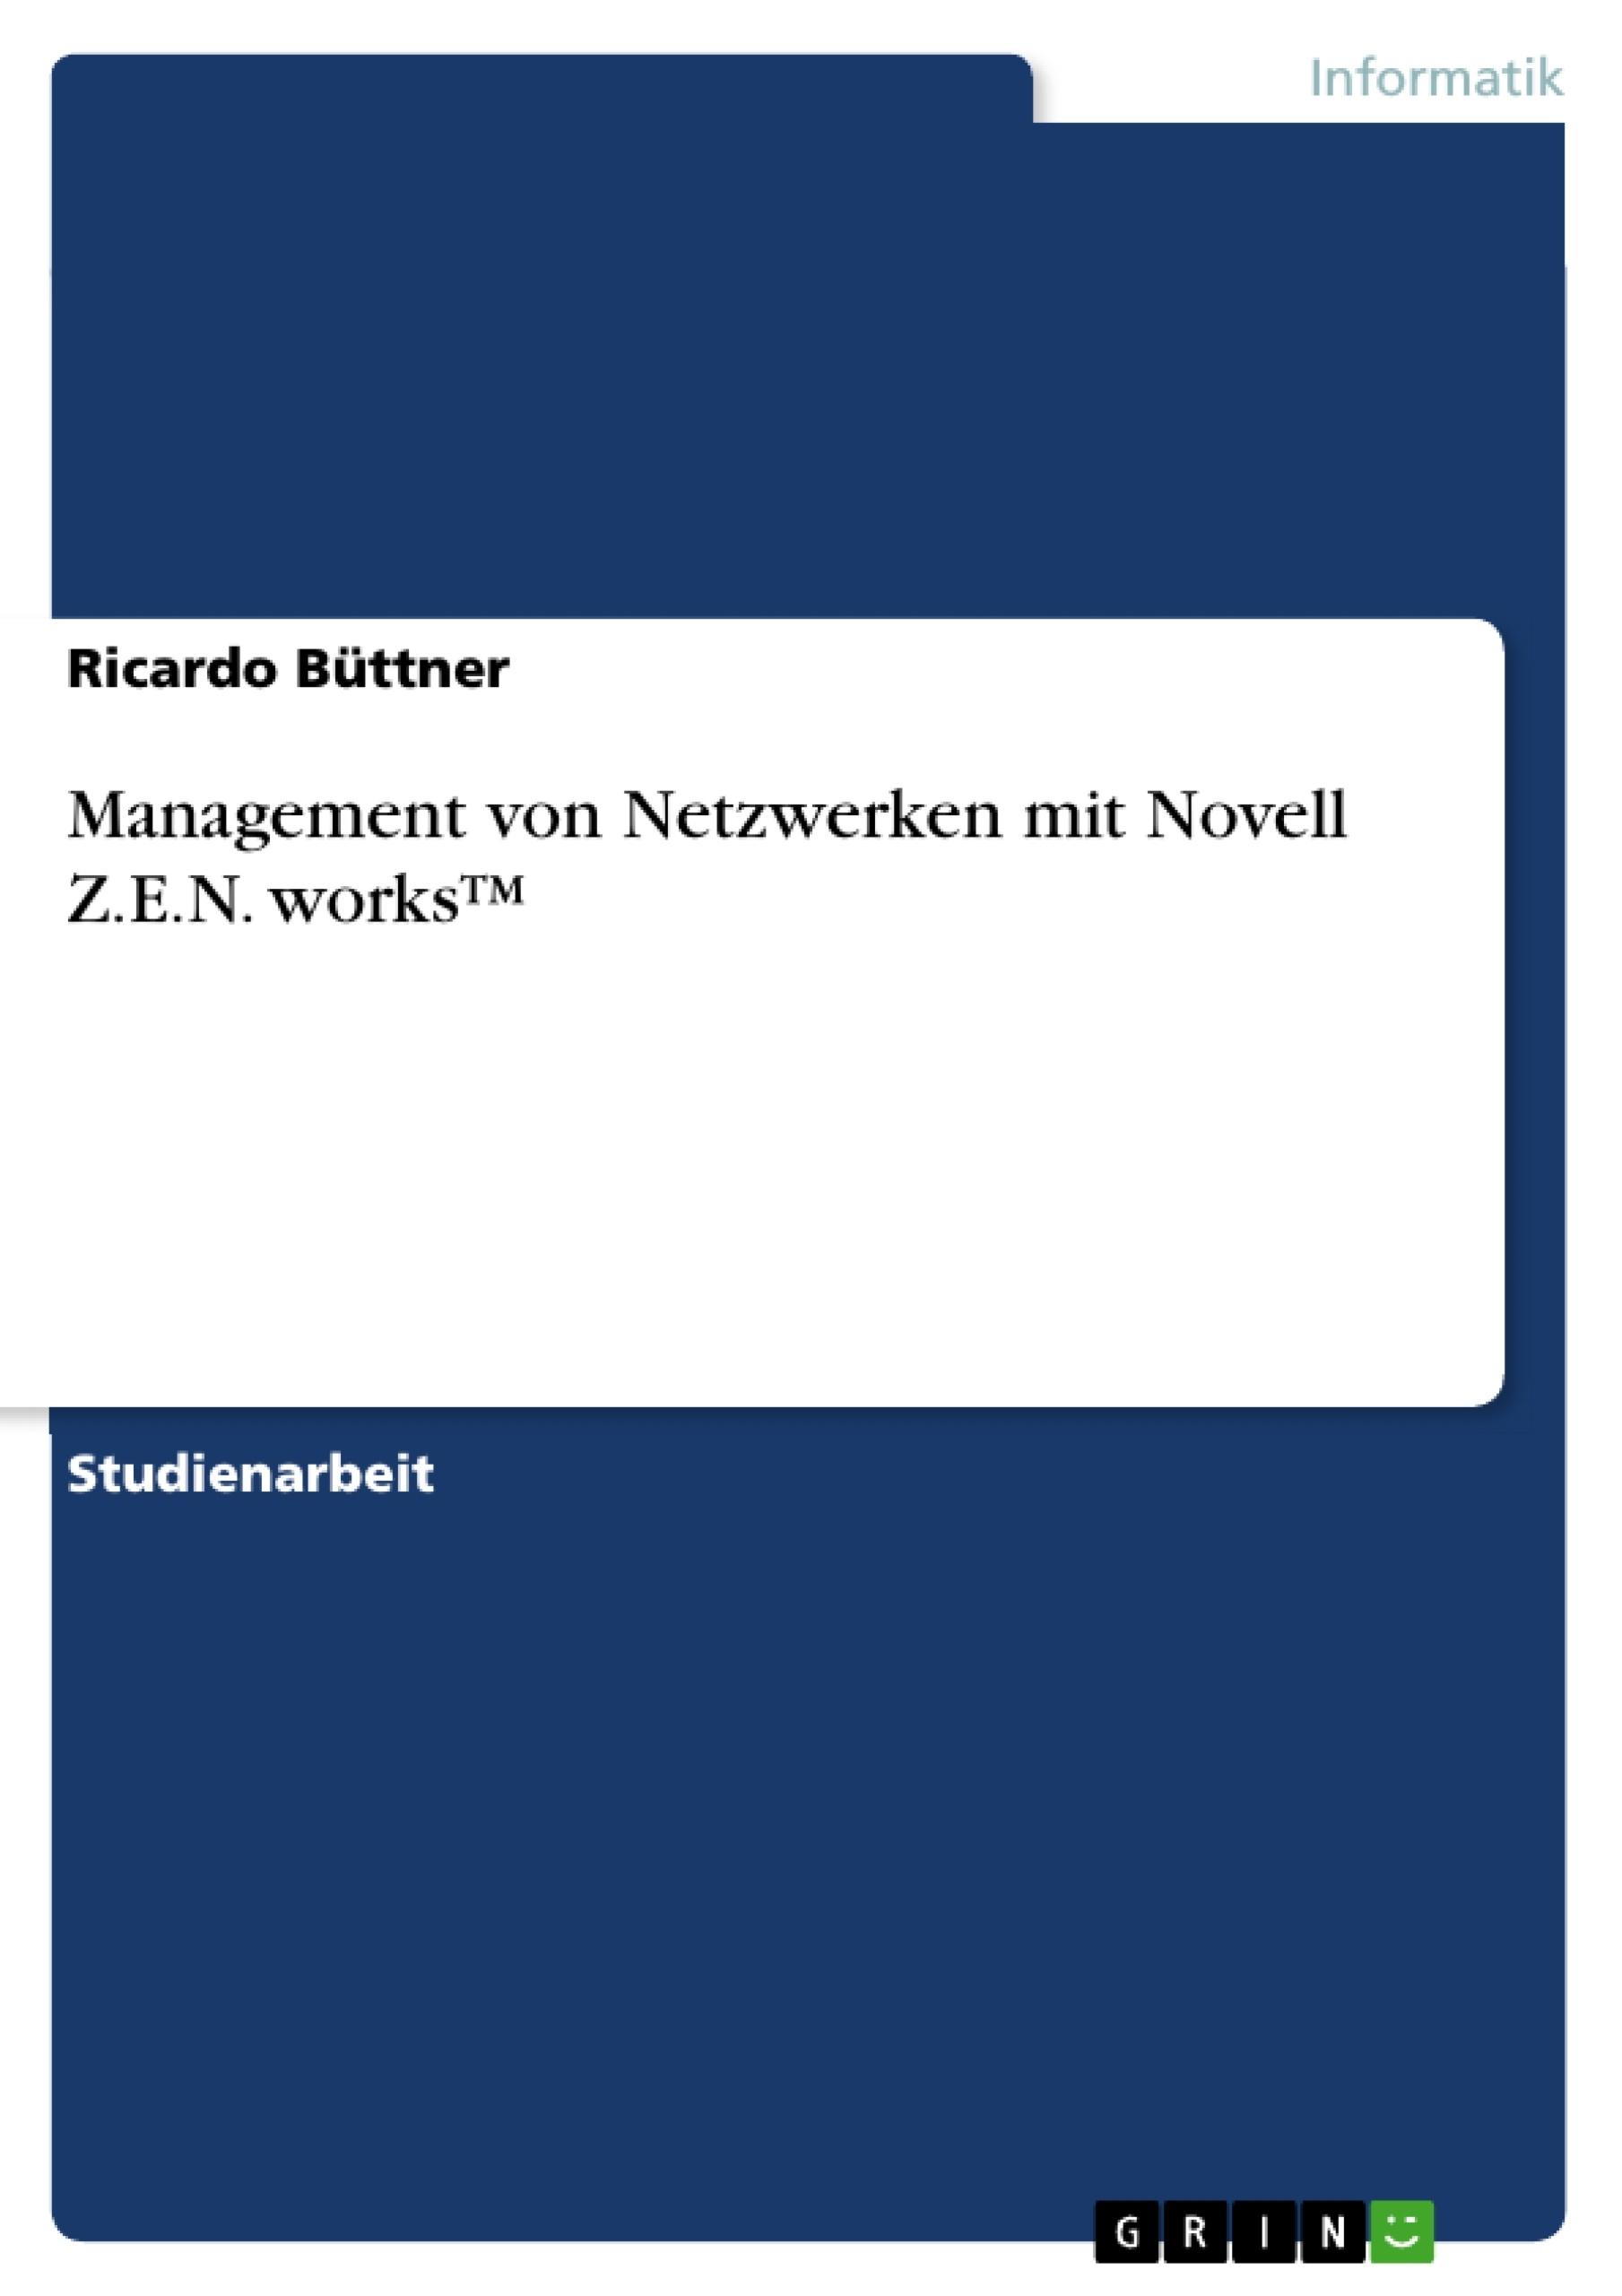 Titel: Management von Netzwerken mit Novell Z.E.N. works™